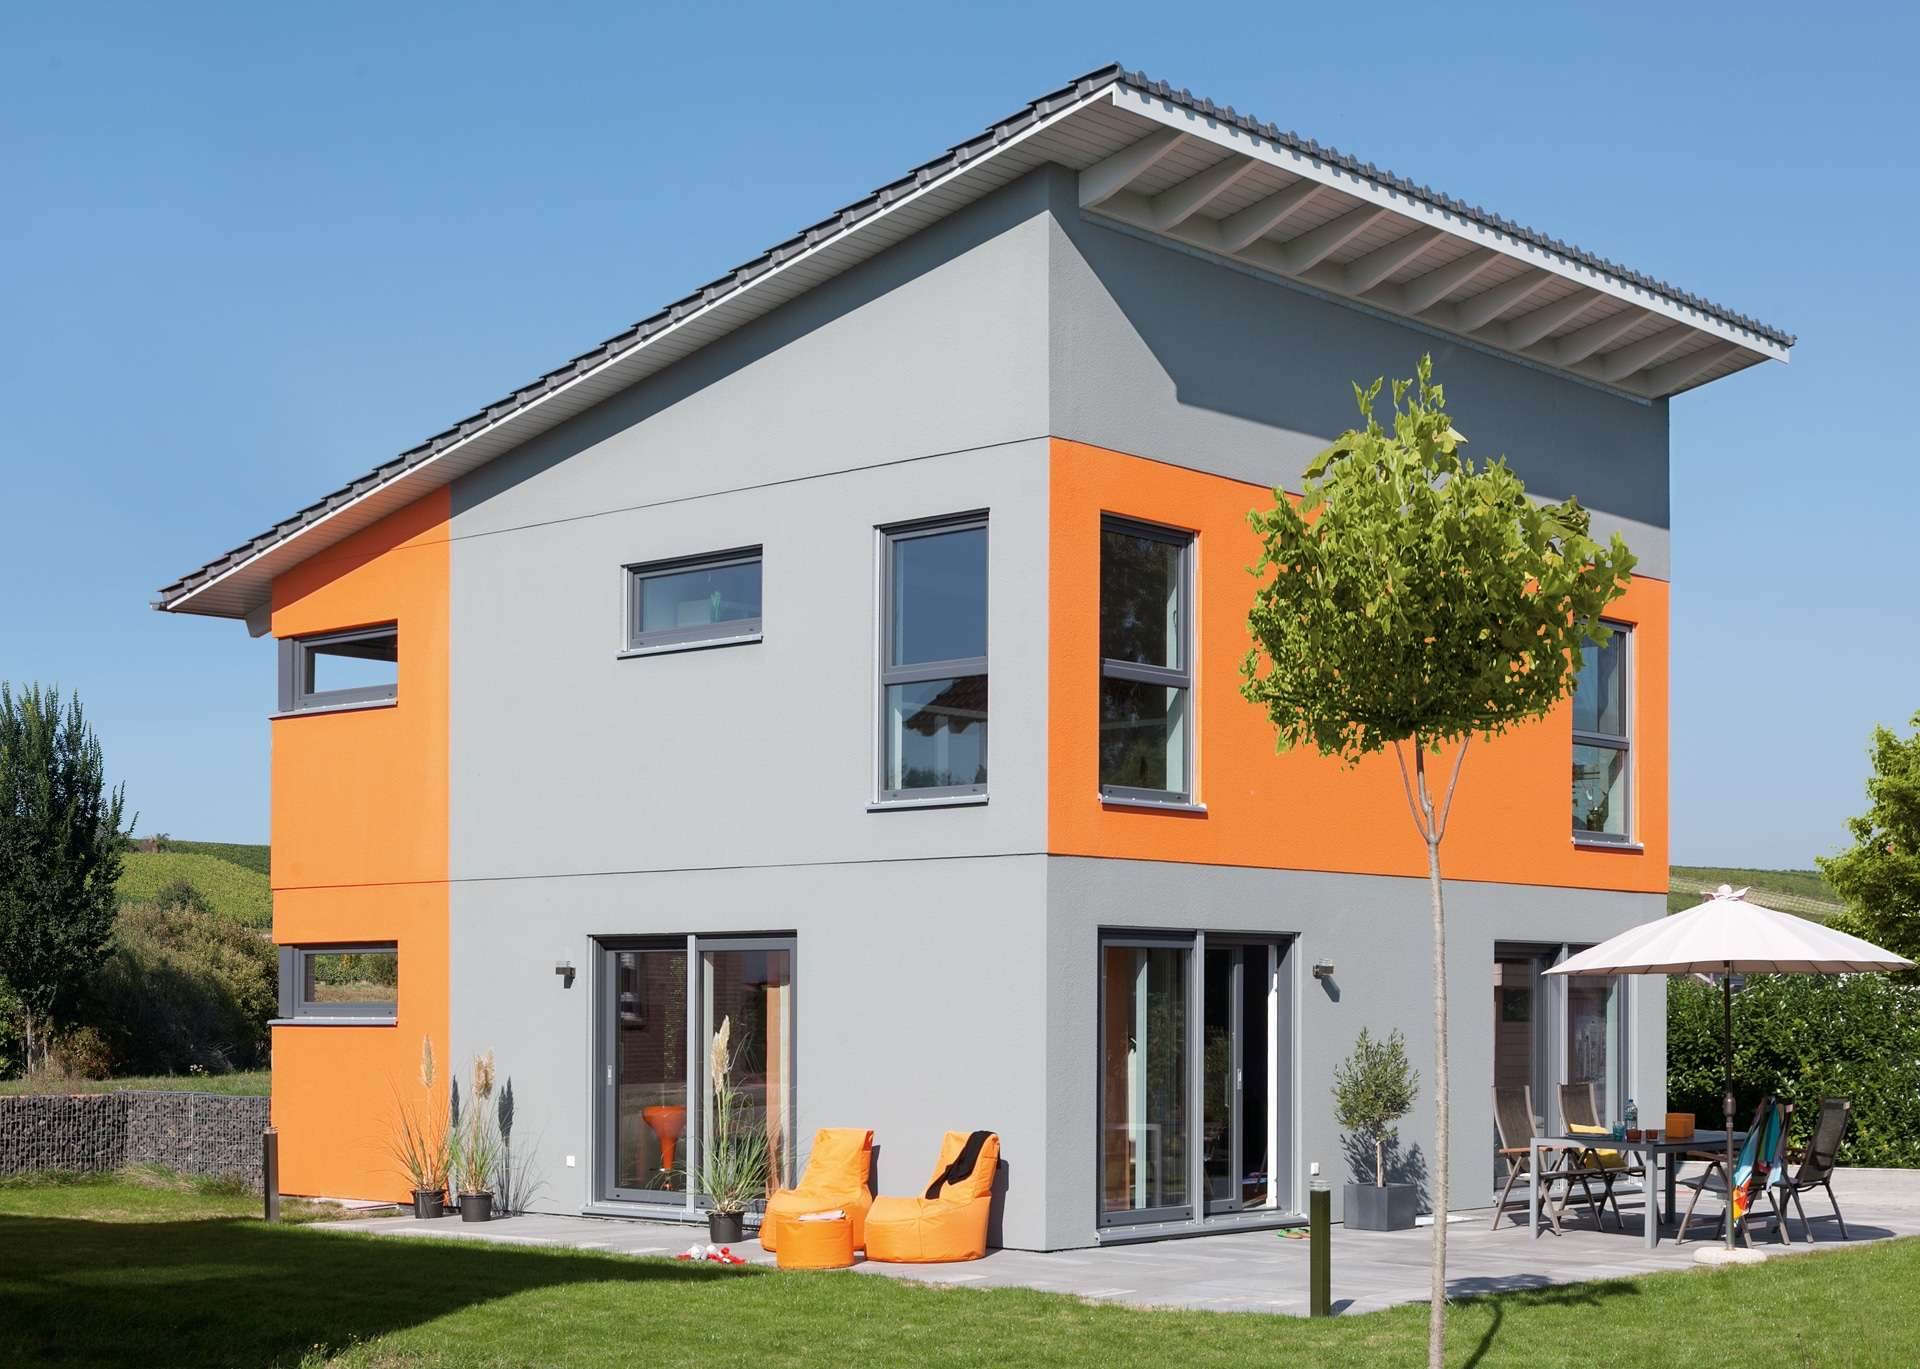 schw rerhaus fertighaus mit pultdach. Black Bedroom Furniture Sets. Home Design Ideas